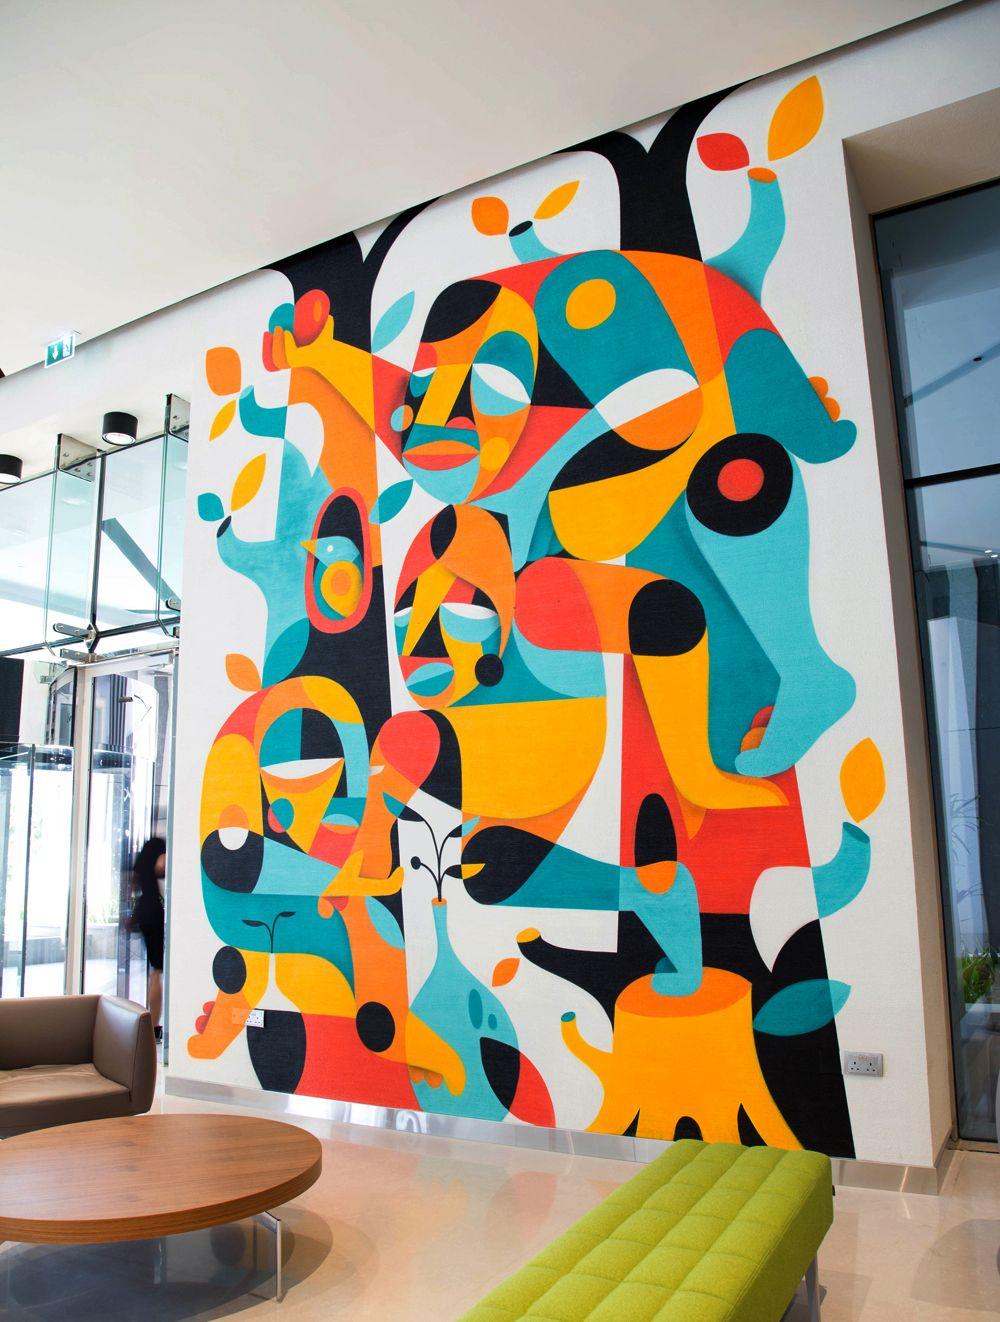 Color art dubai - Ruben Sanchez Artworks Zoonchez Photo